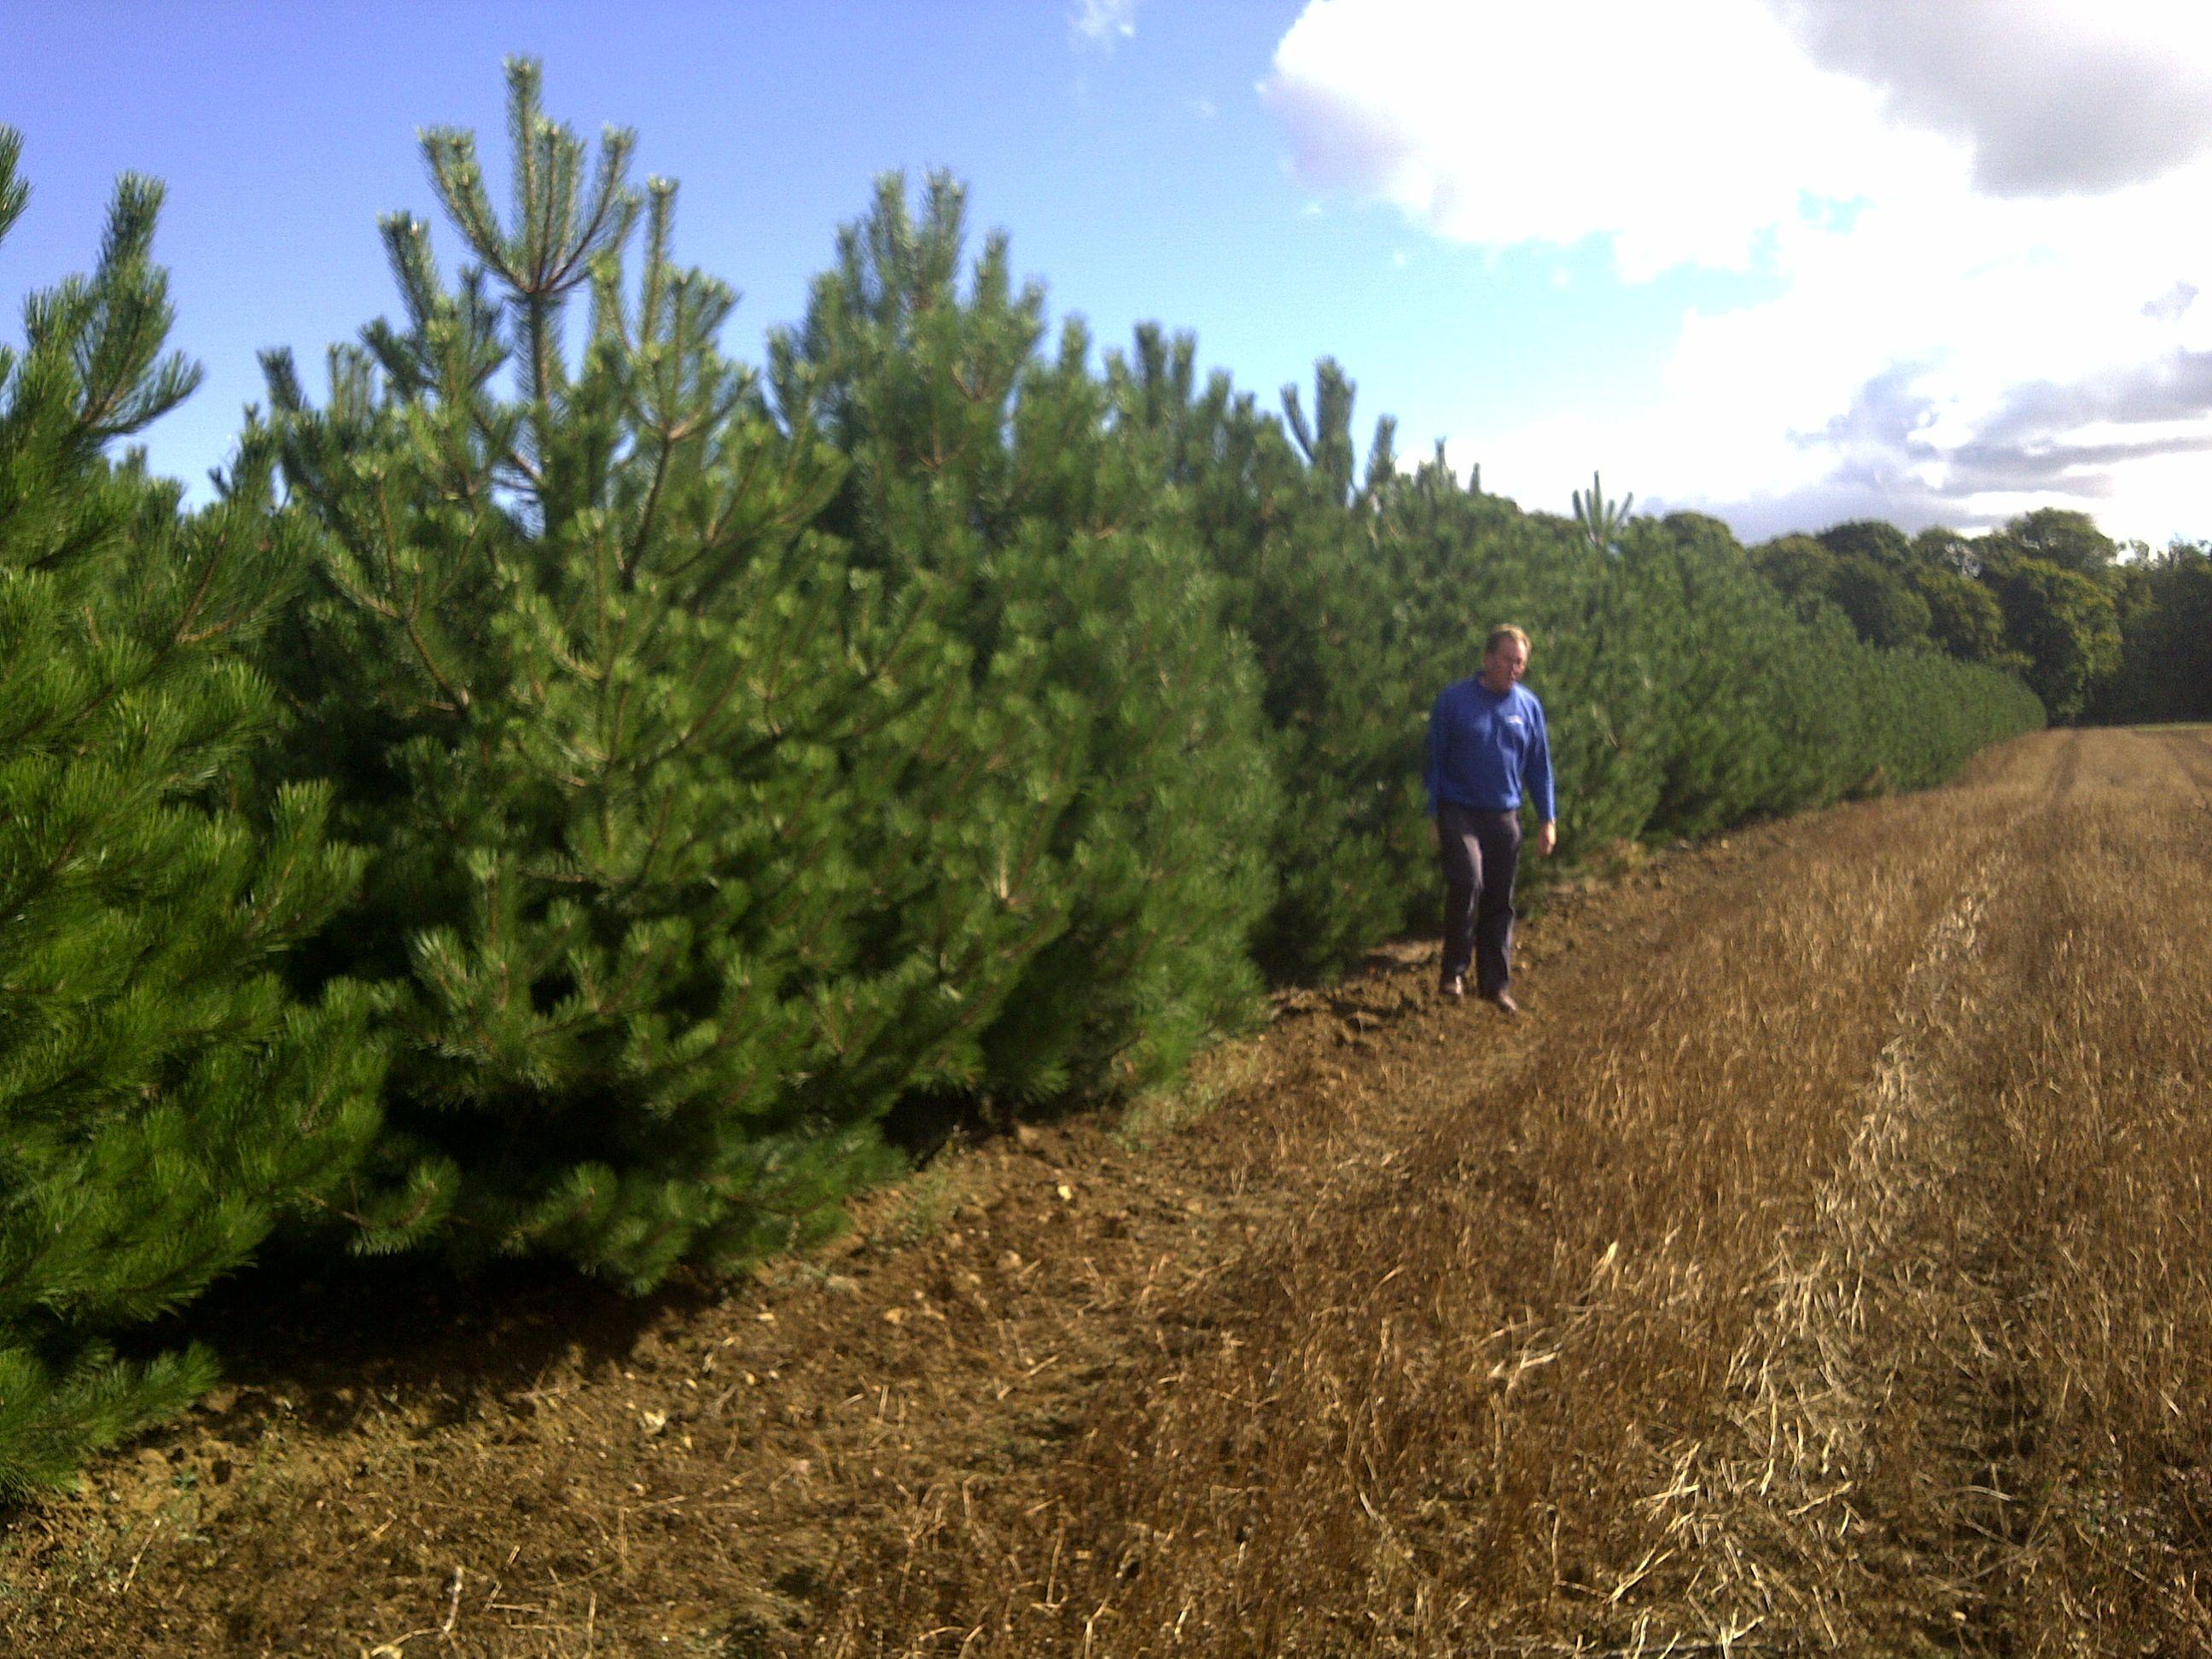 Varities of japanese black pine